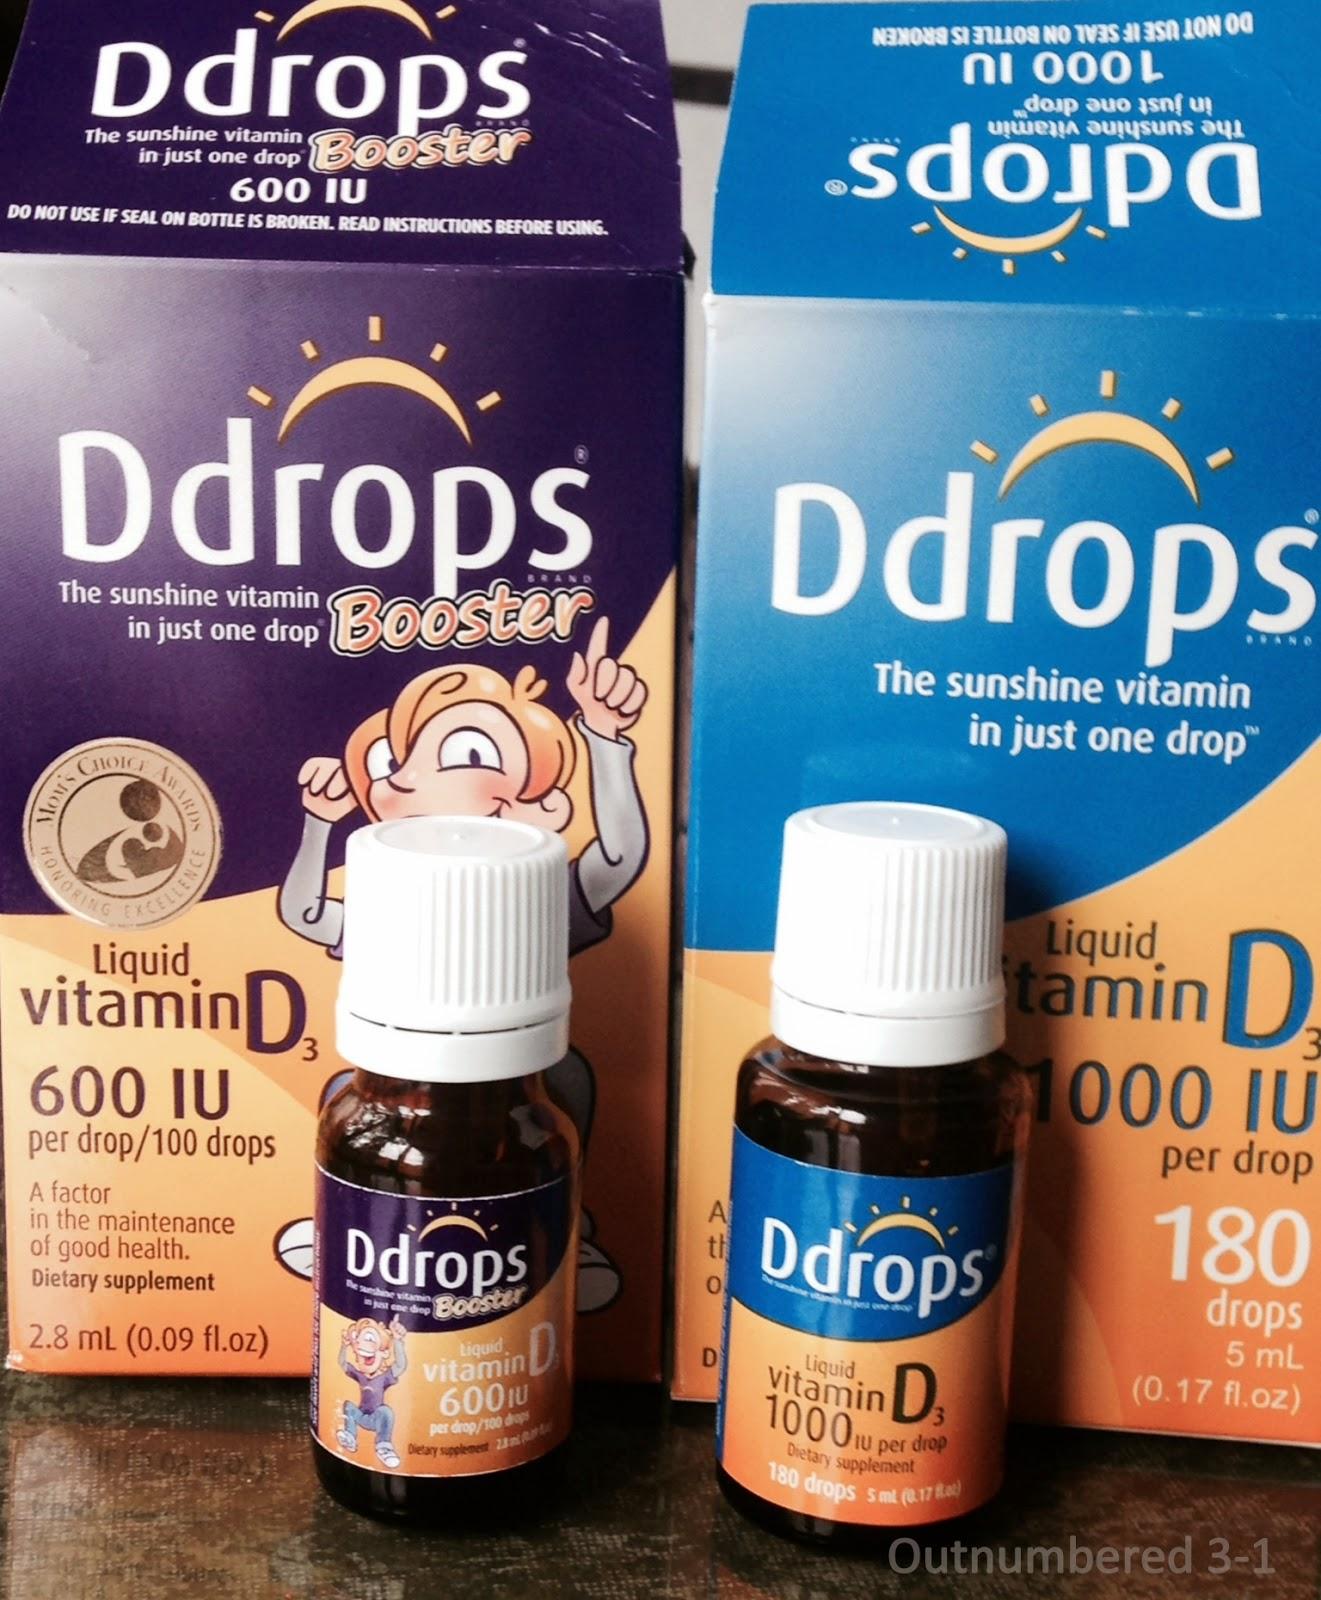 Ddrops, Vitamin D, Supplement